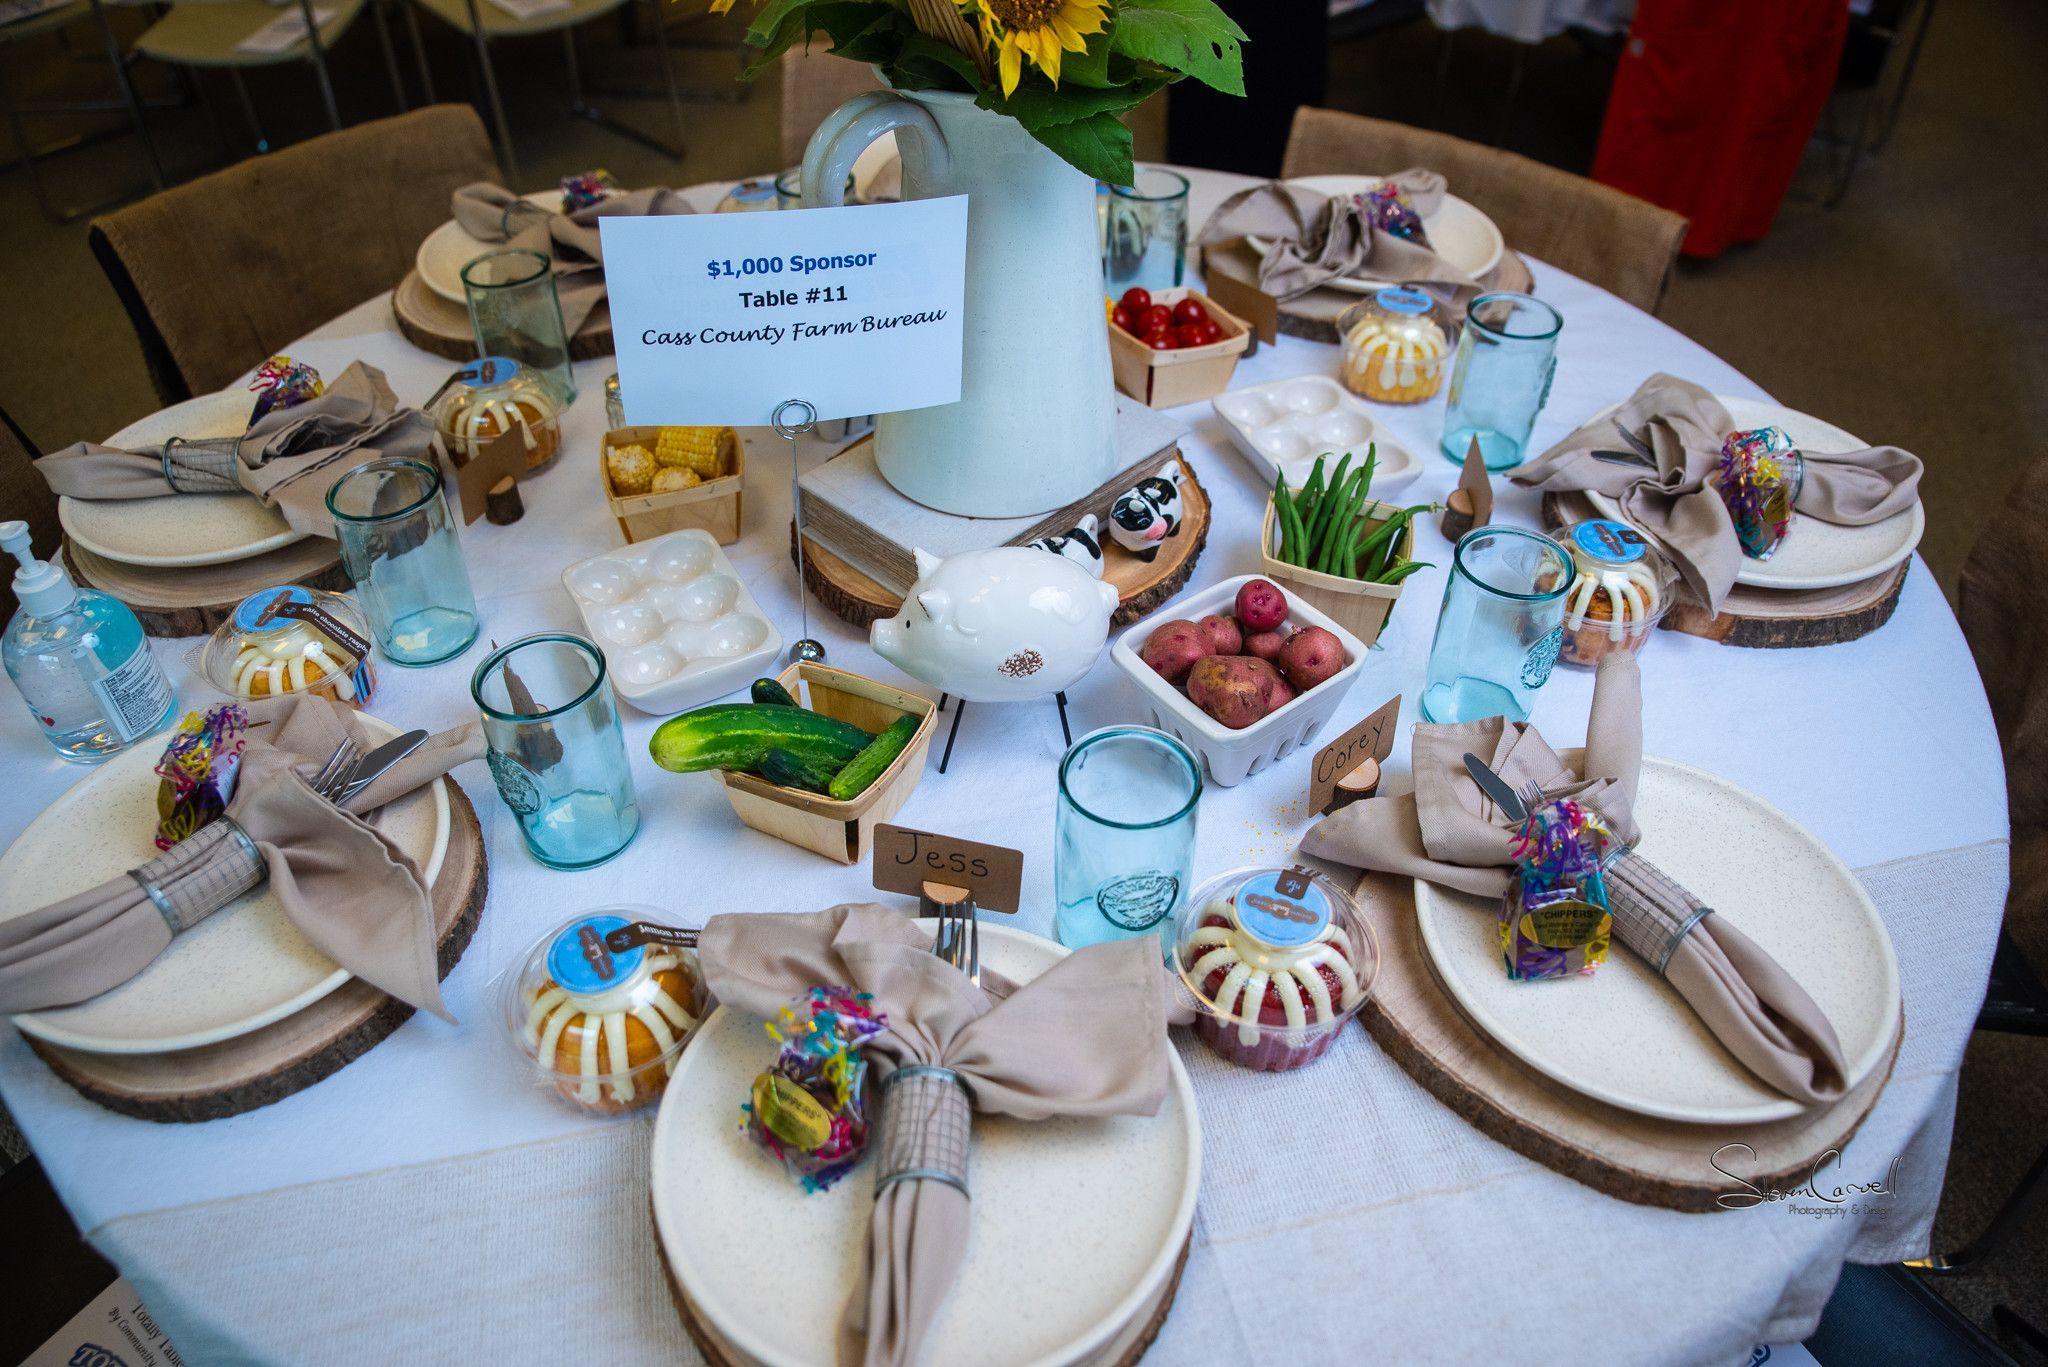 $1,000 sponsor - Cass County Farm Bureau - Farm to Table